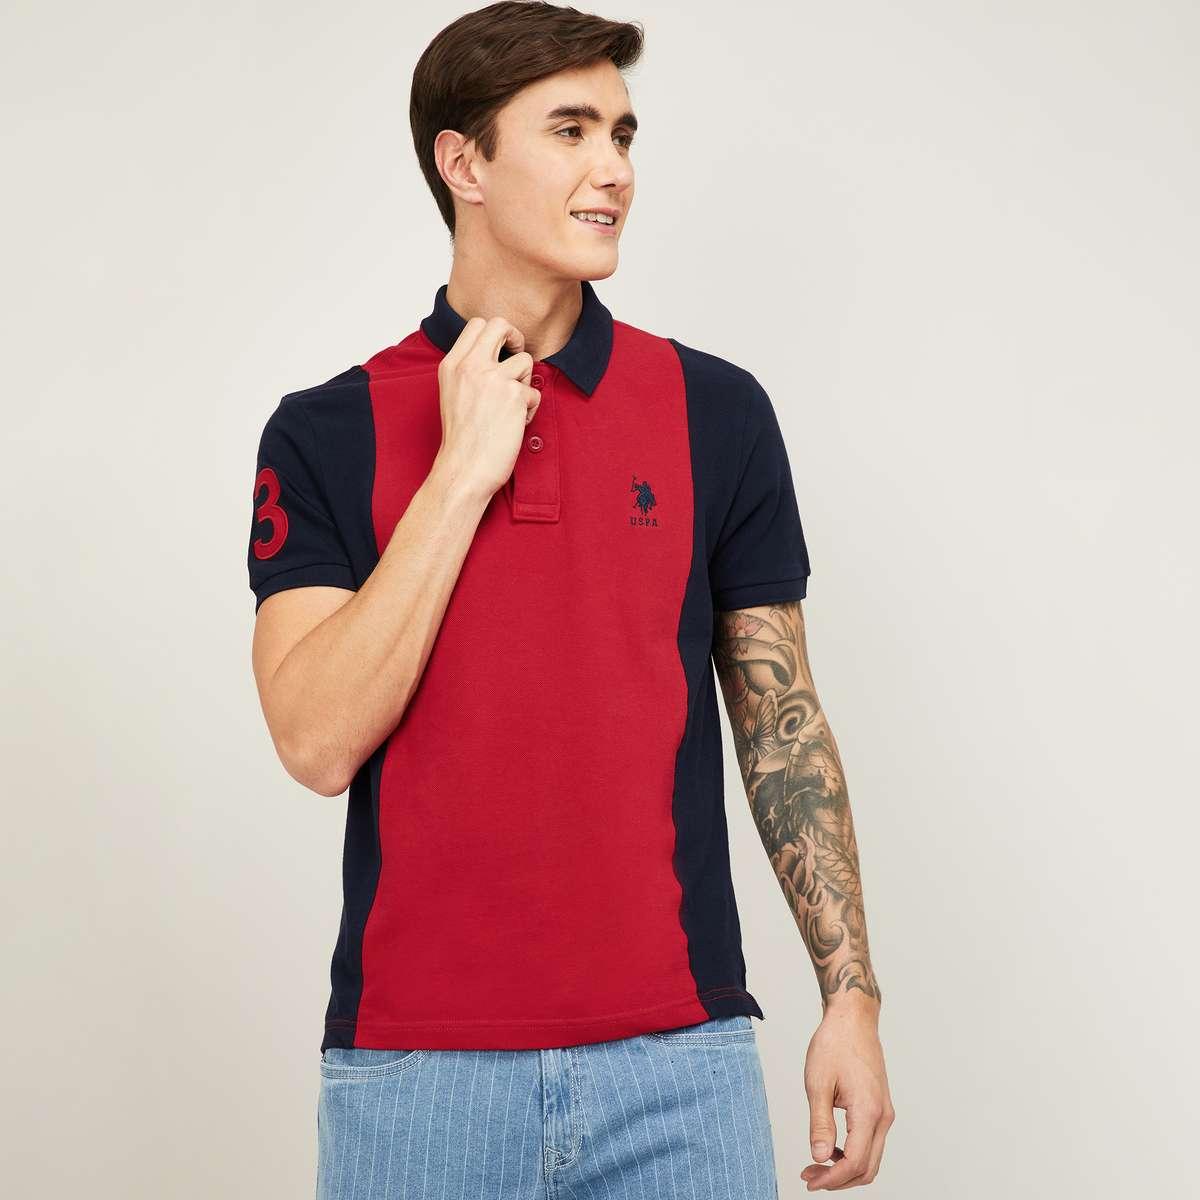 U.S. POLO ASSN. Men Colourblocked Polo T-shirt